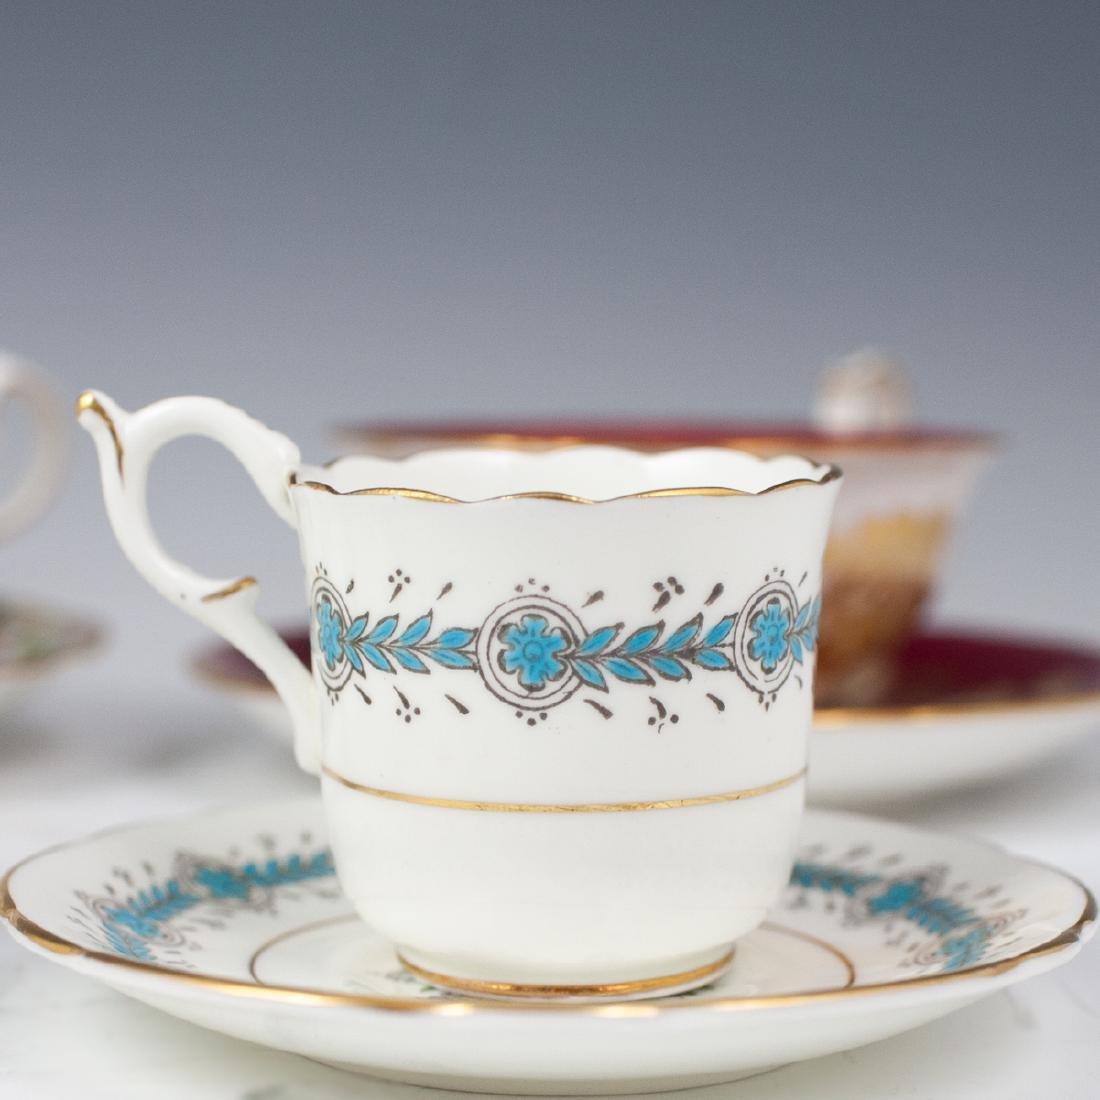 Vintage English Porcelain Teacups - 6